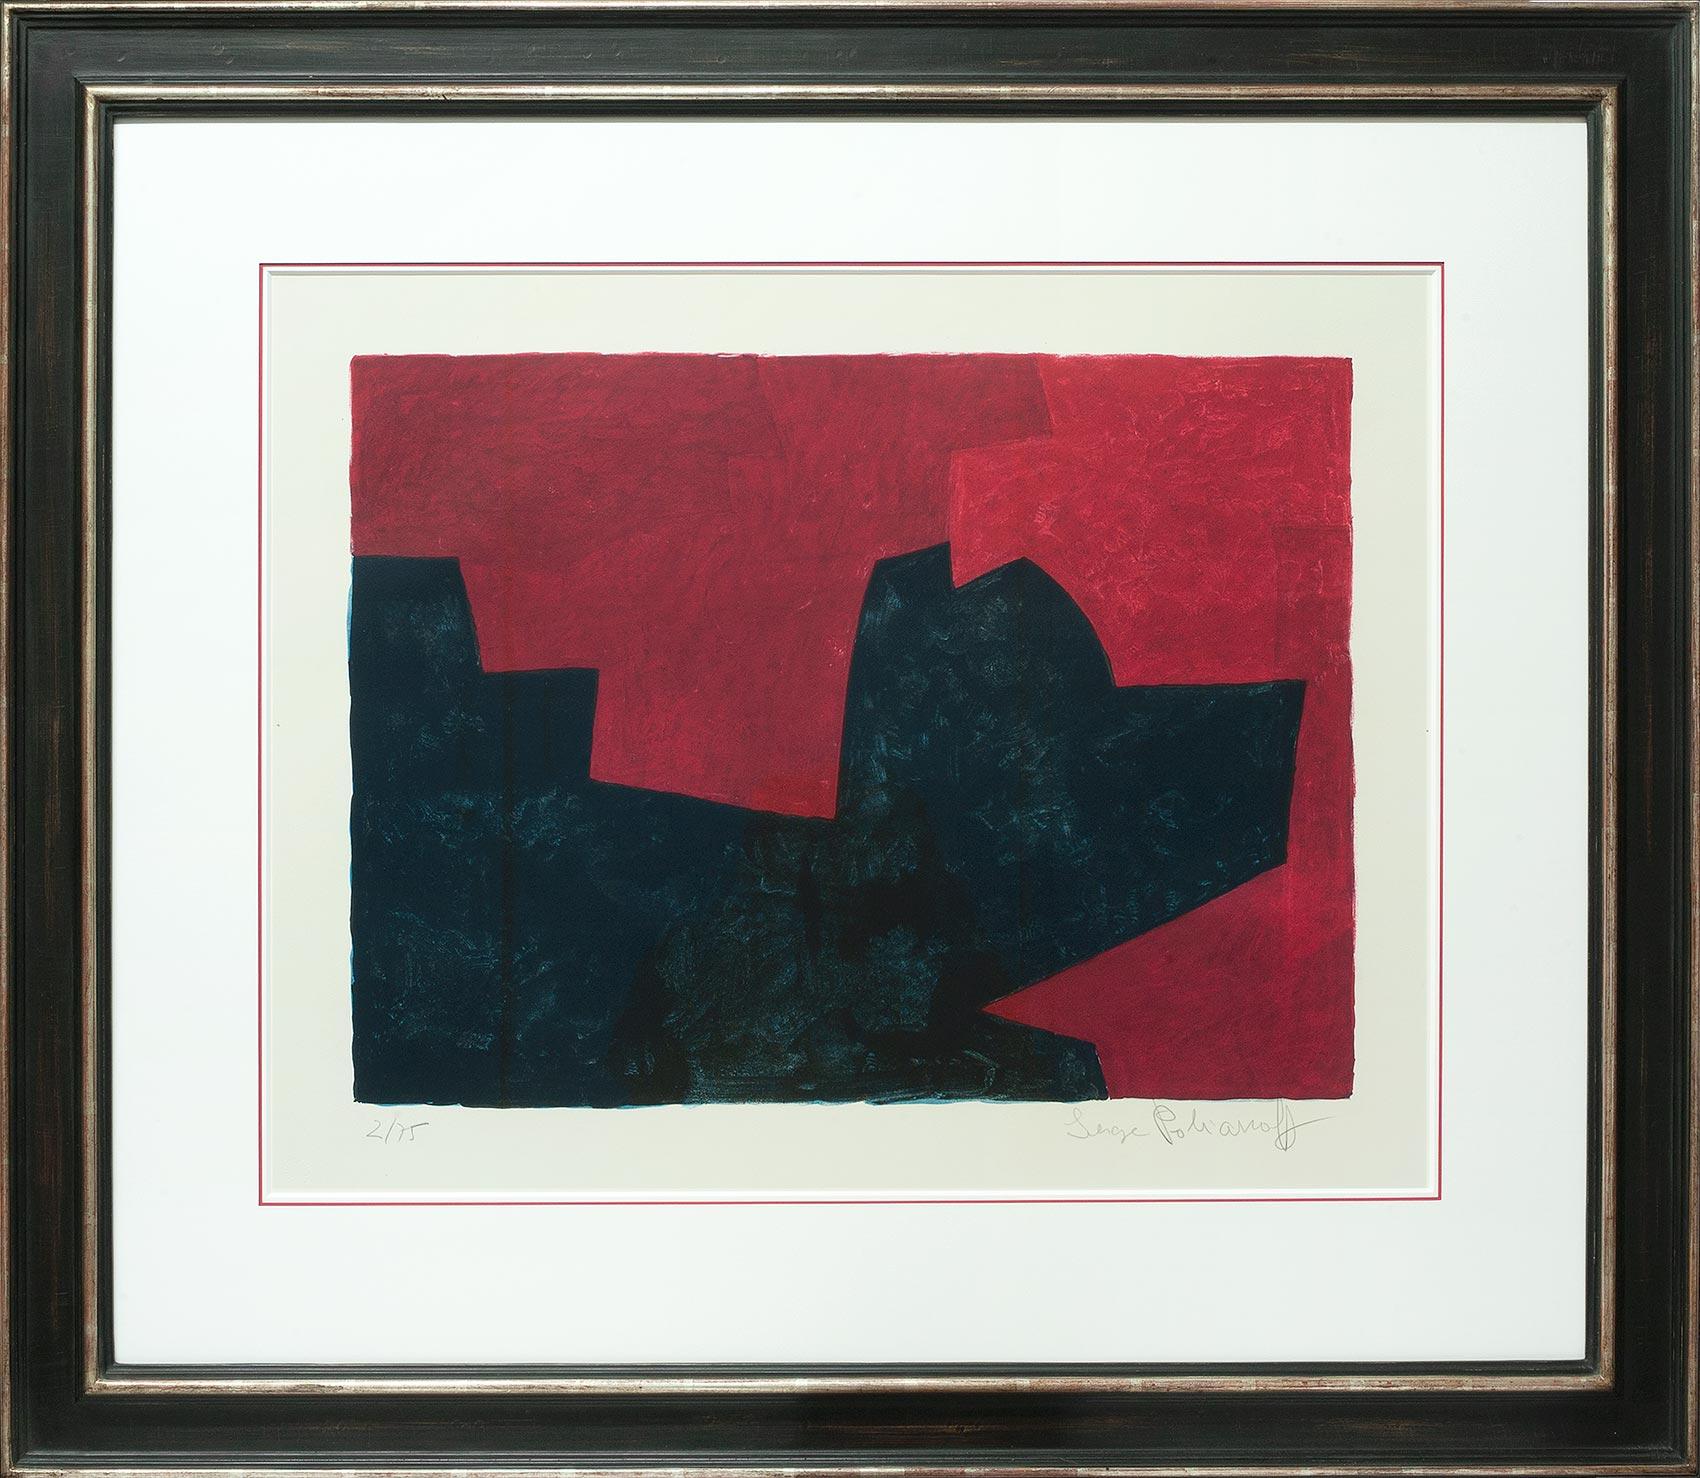 Serge Poliakoff, Composition lie-de-vin et bleue, Galerie Française